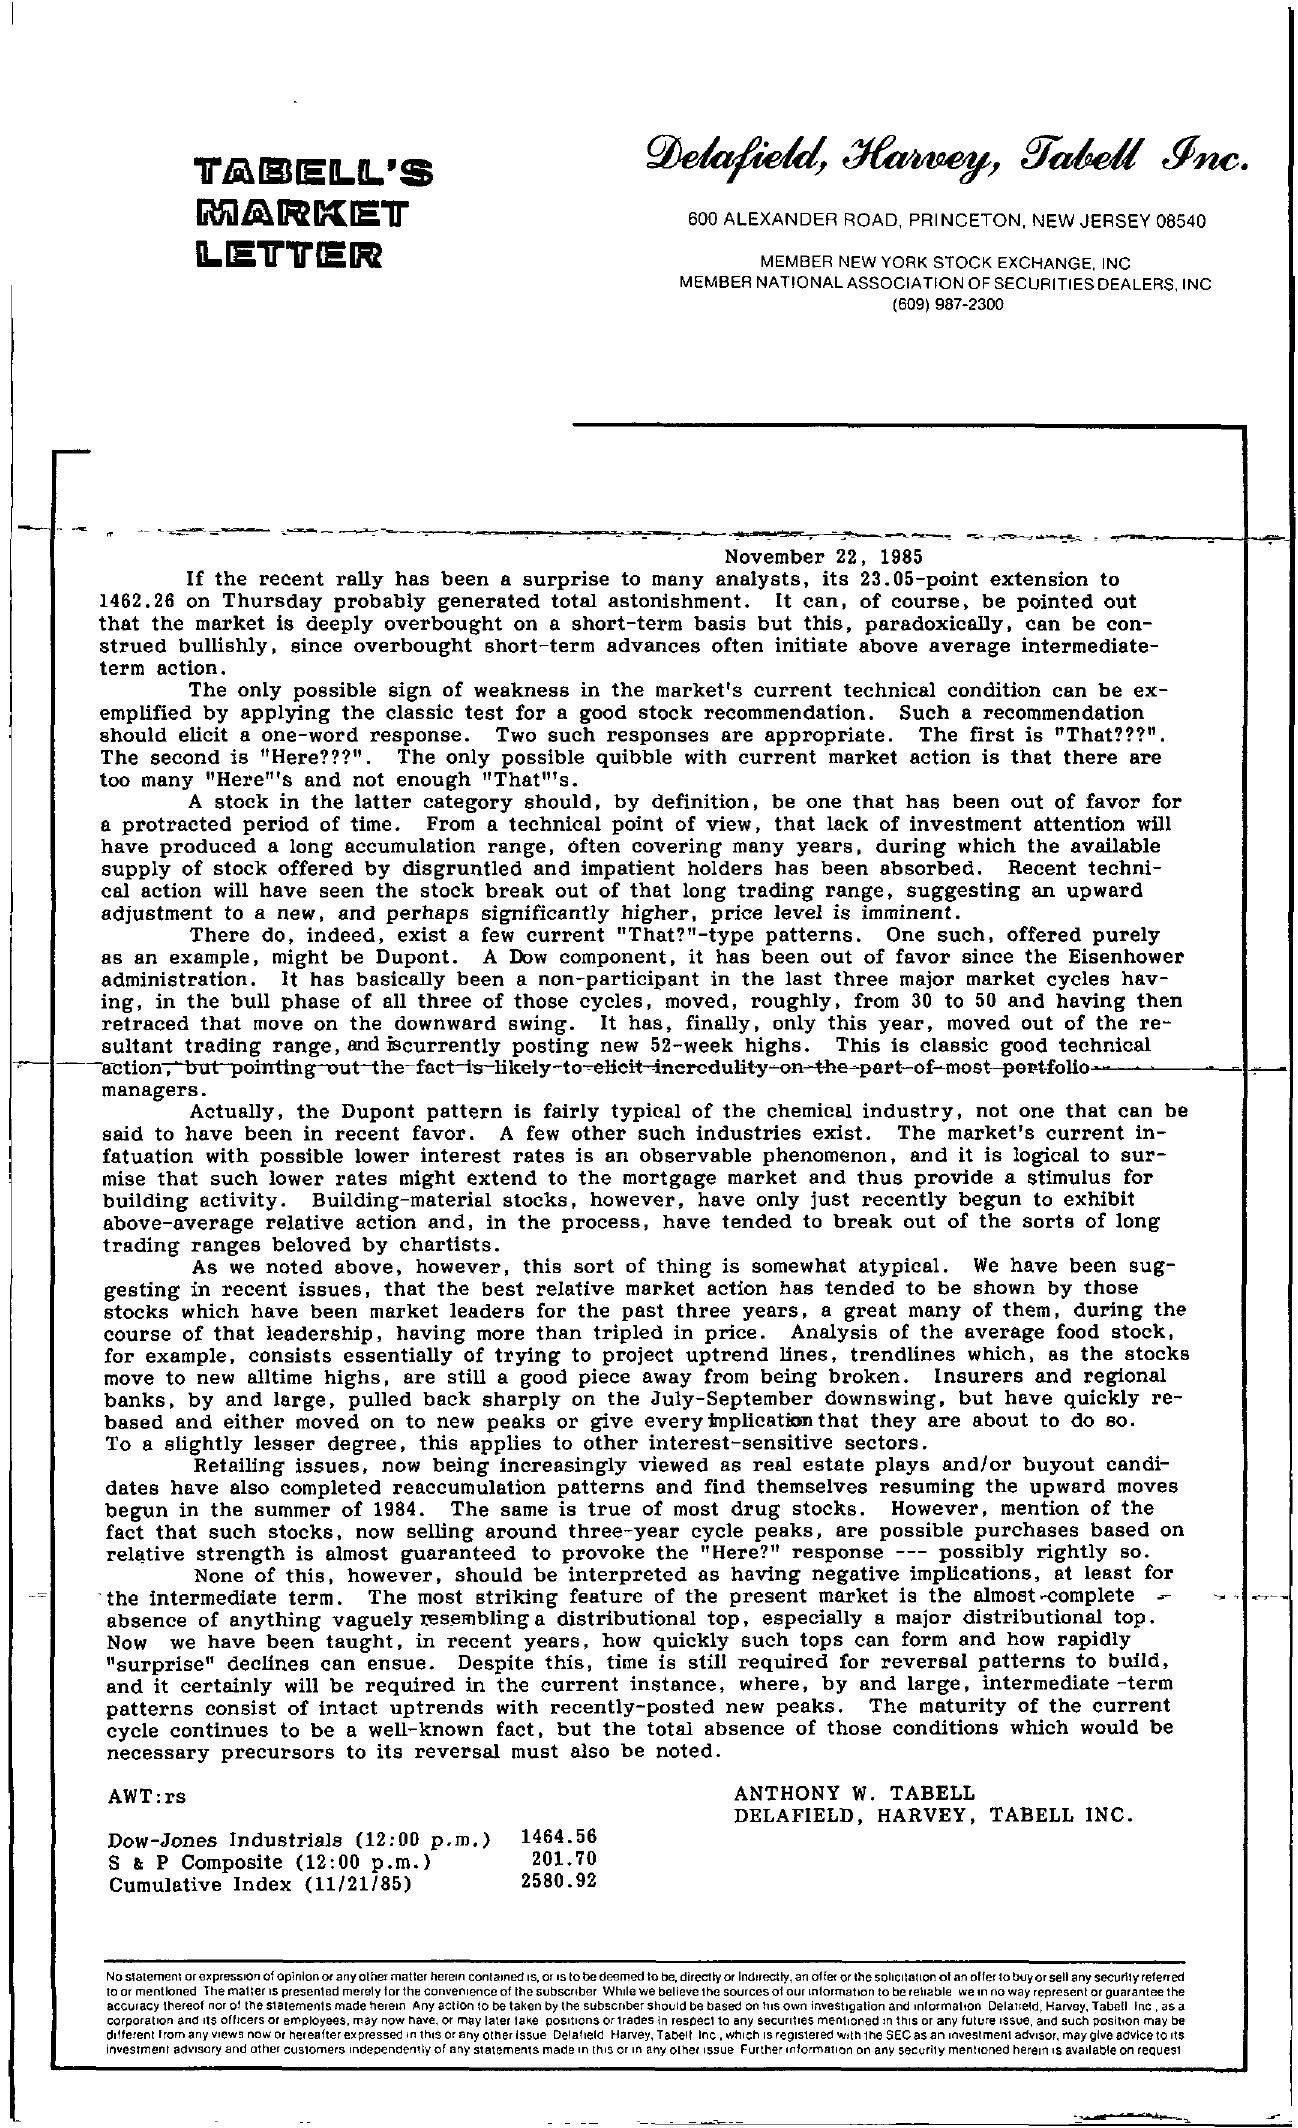 Tabell's Market Letter - November 22, 1985